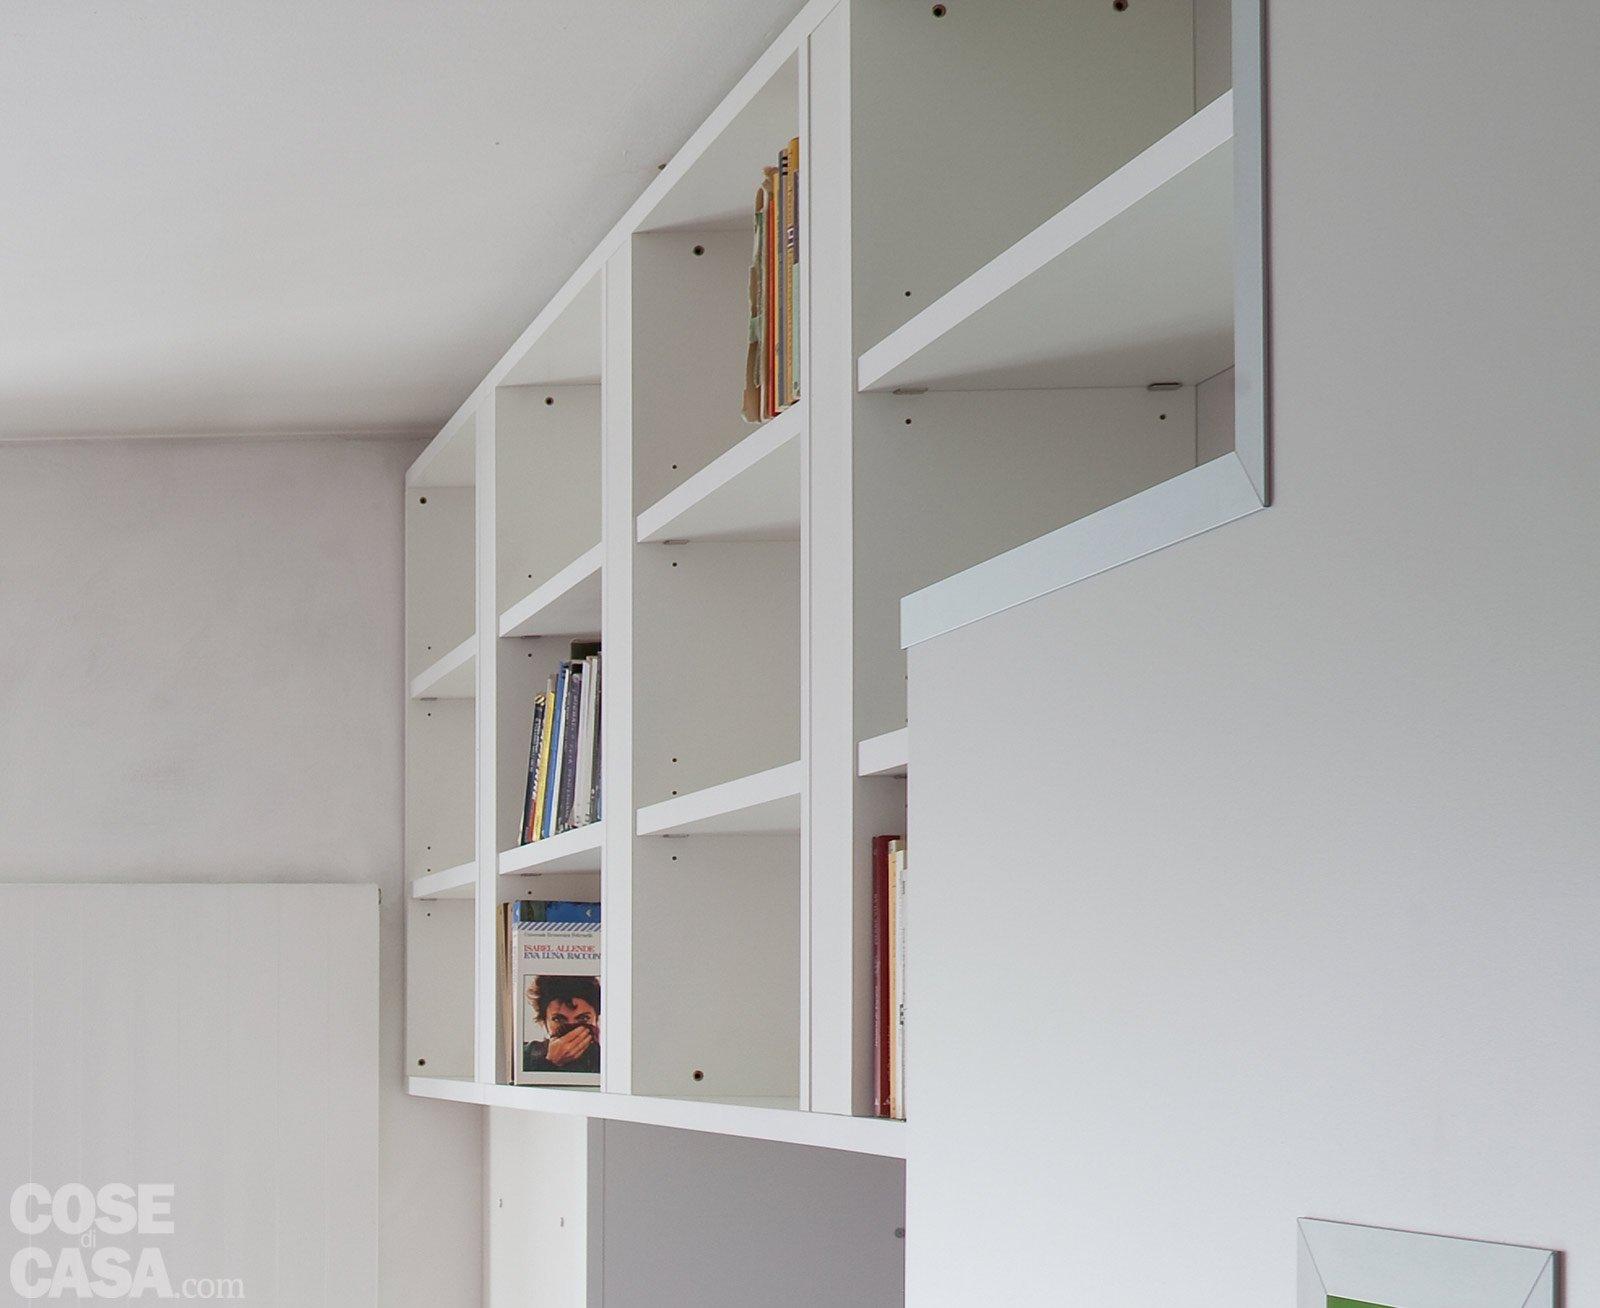 una casa di 40 mq: monolocale con cucina separata - cose di casa - Soggiorno Cucina 40 Mq